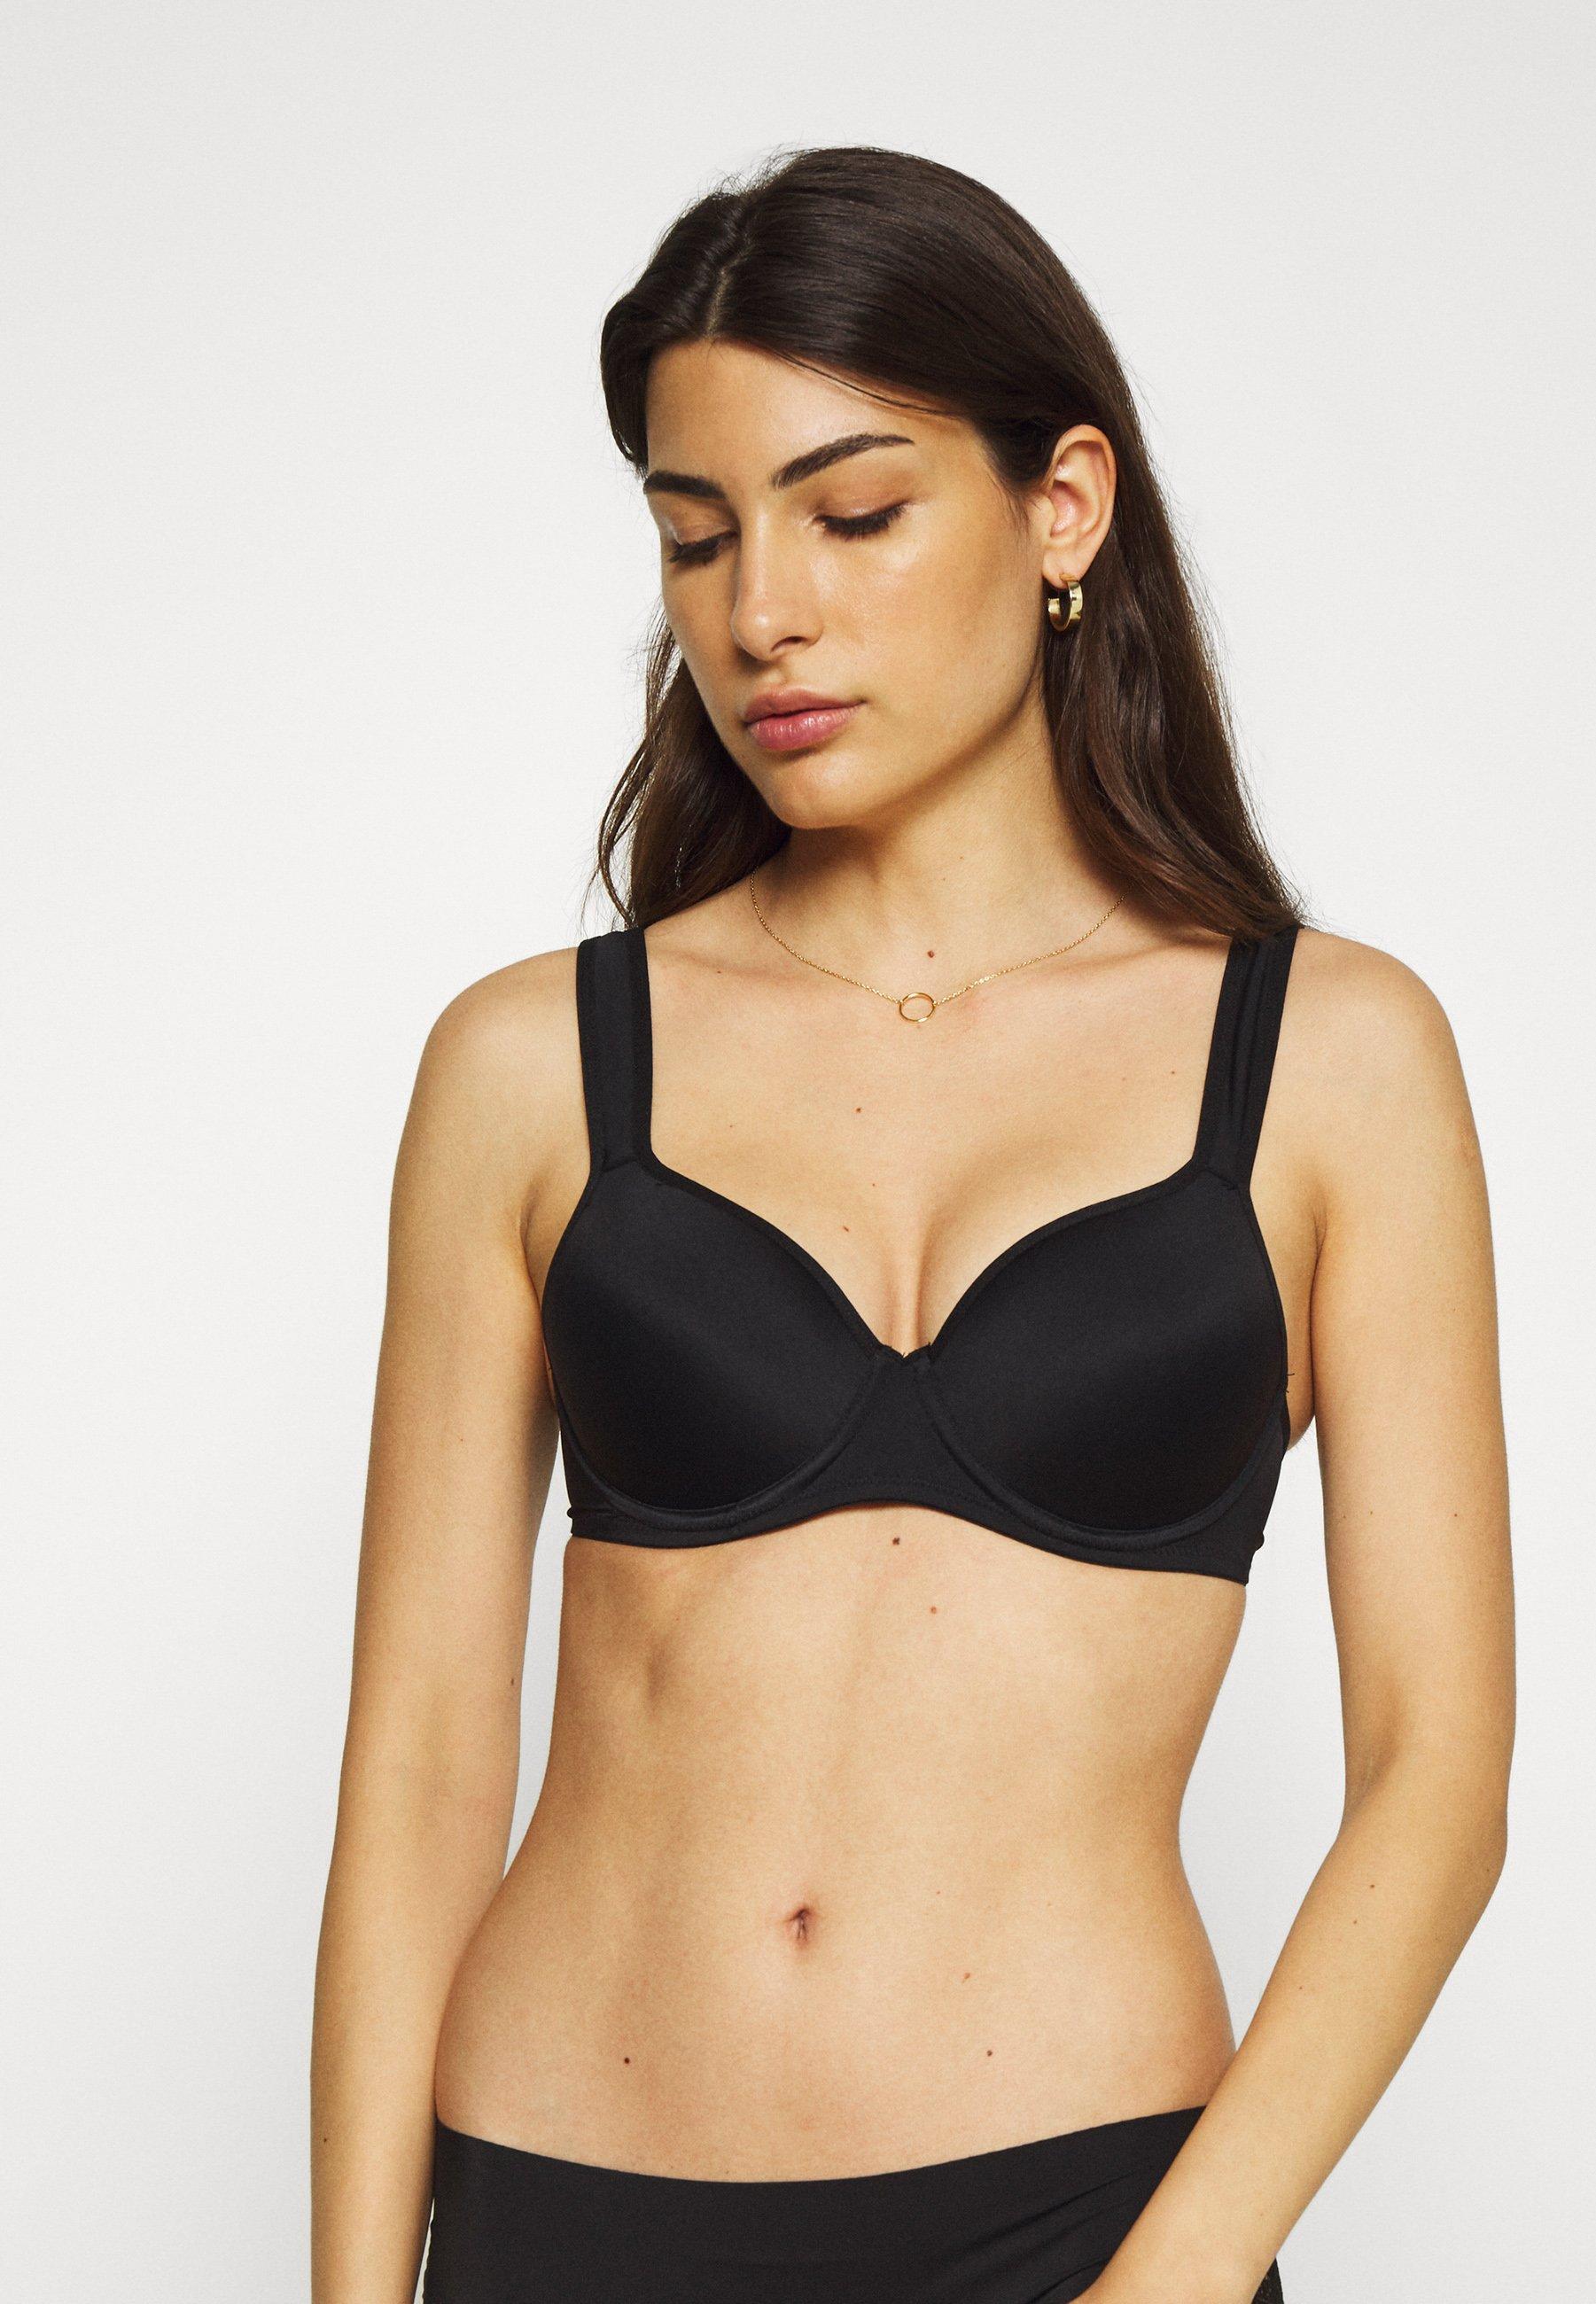 Women RACHEL - T-shirt bra